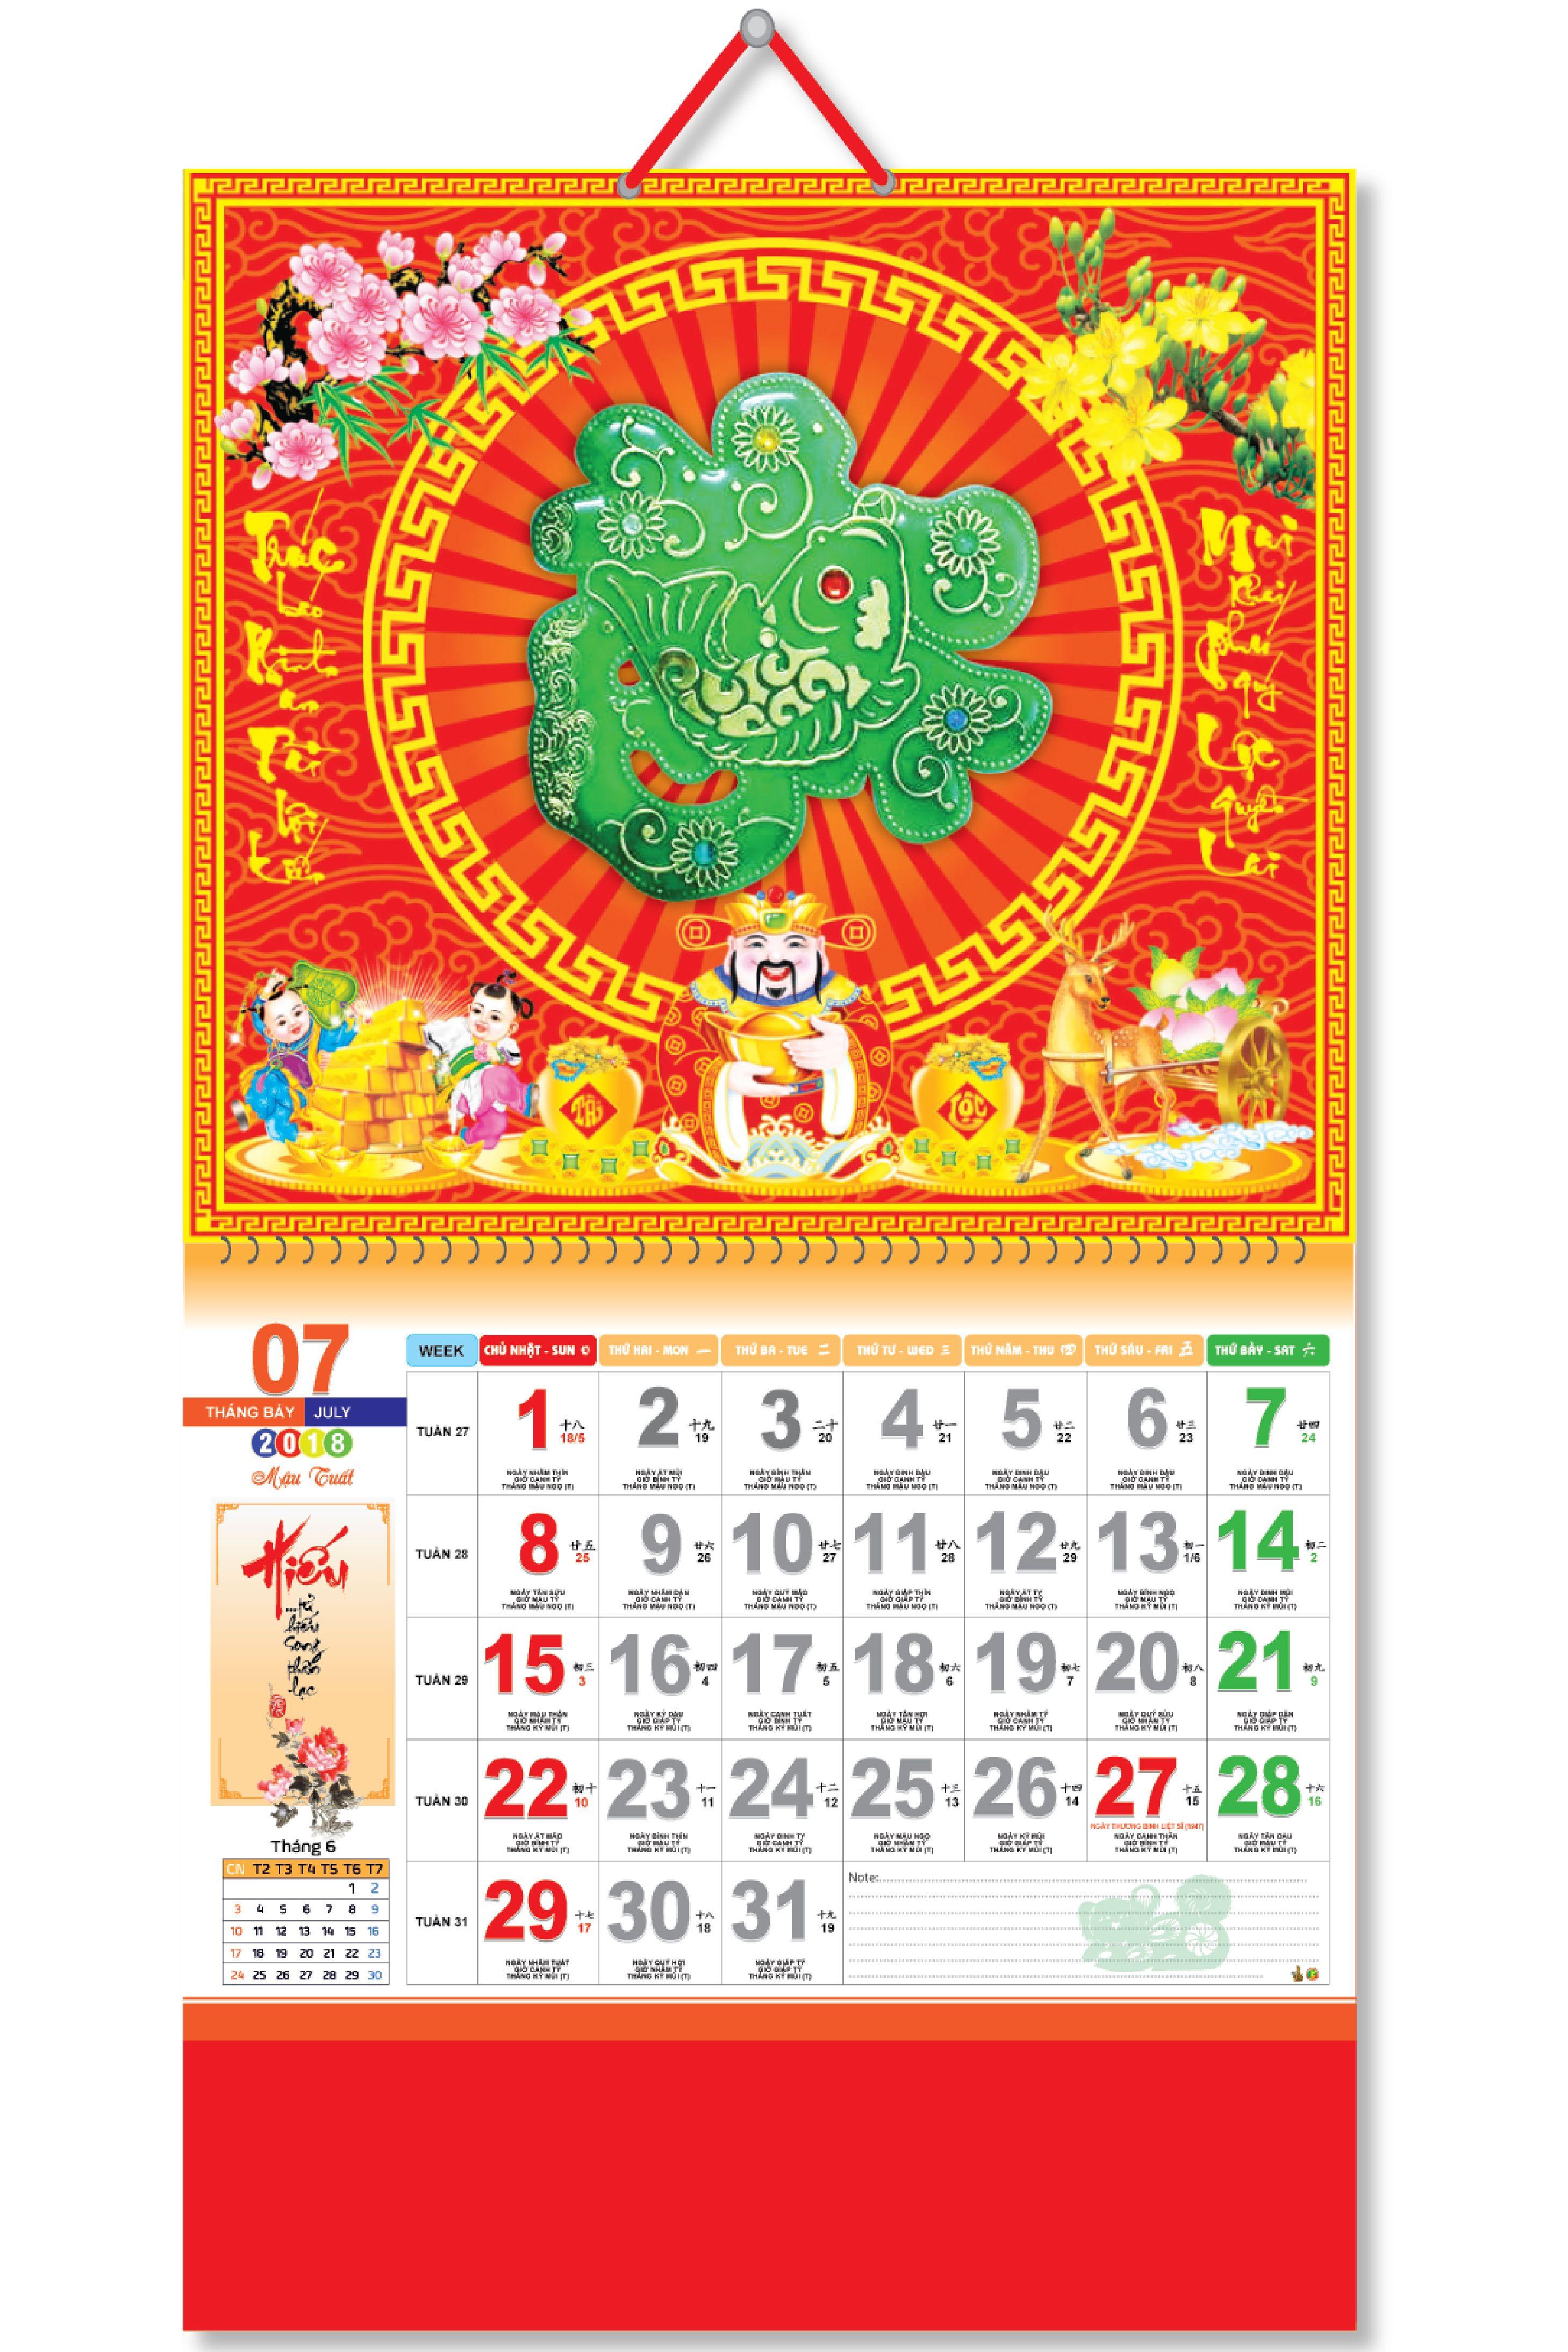 KV239 - Bìa Treo Lịch 2018 Lò Xo Giữa Gắn Bộ Số Dán Chữ Nổi (37 x 68 cm) - Thần tài, Dán Nổi Chữ Phước Cẩm Thạch